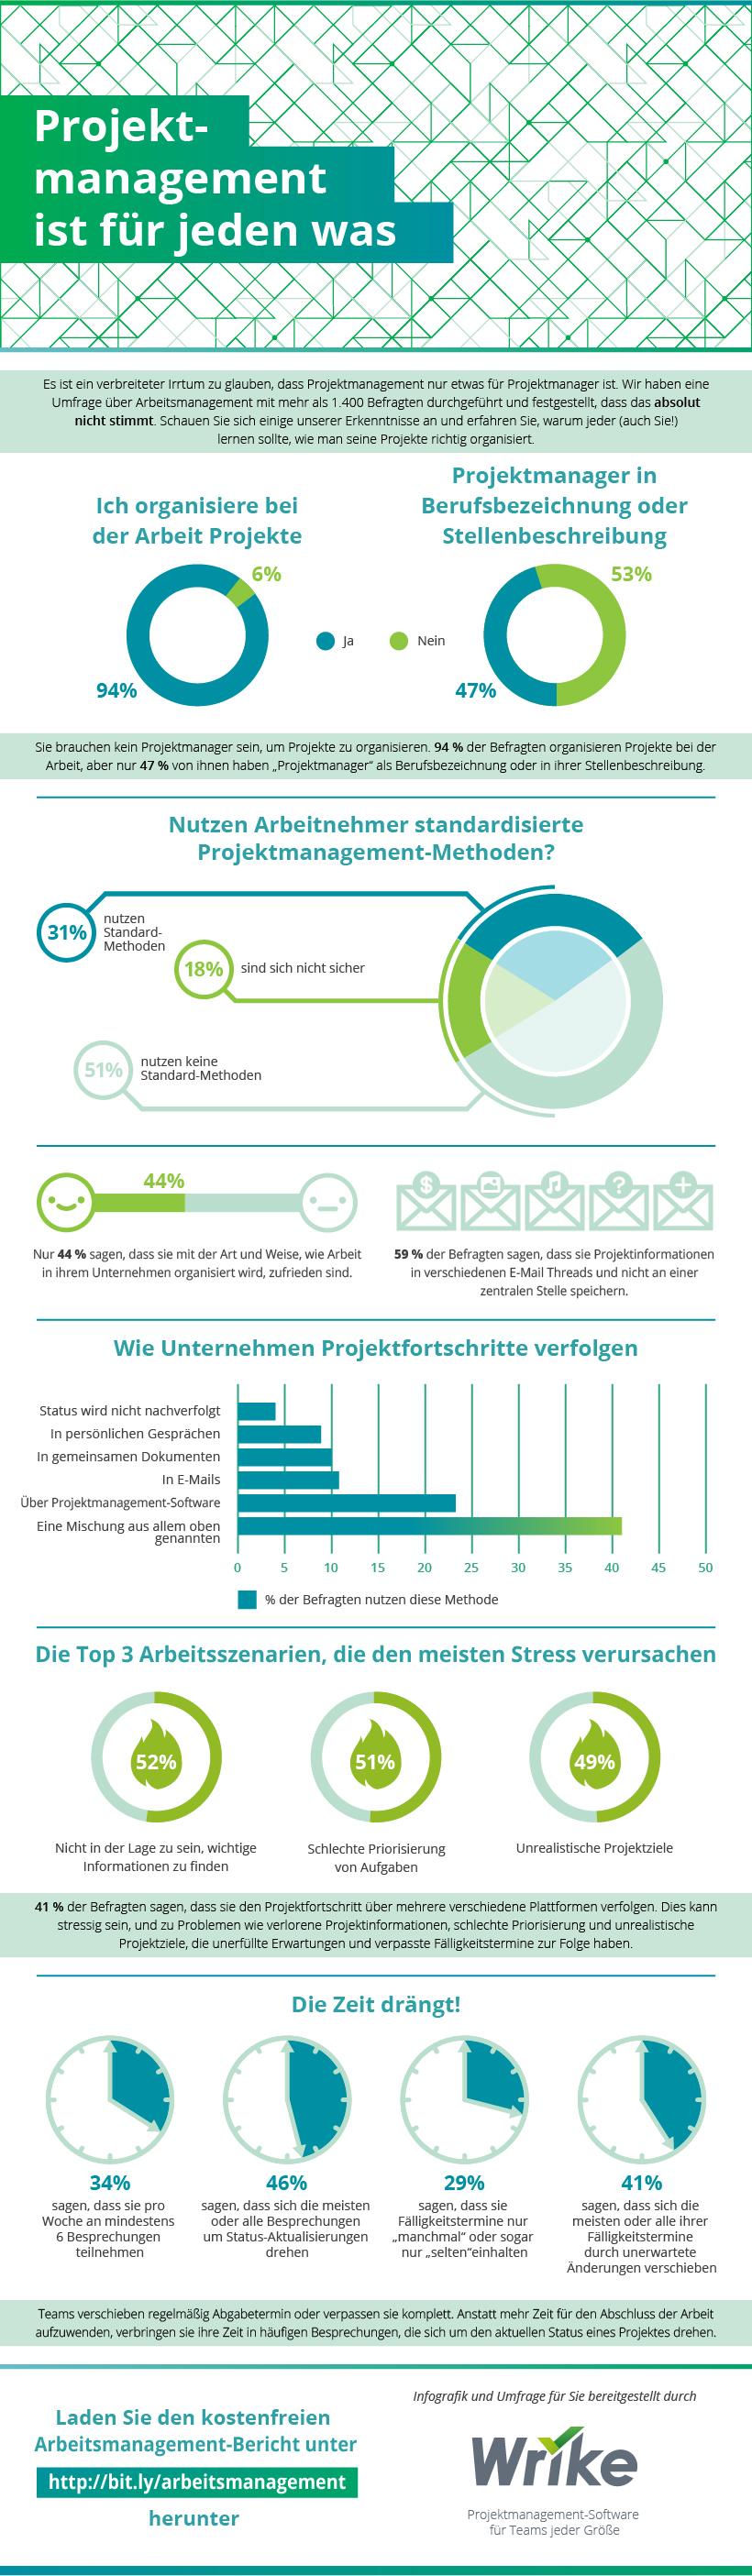 Jeder ist ein Projektmanager, aber nicht jeder kann Projekte managen (Infografik)